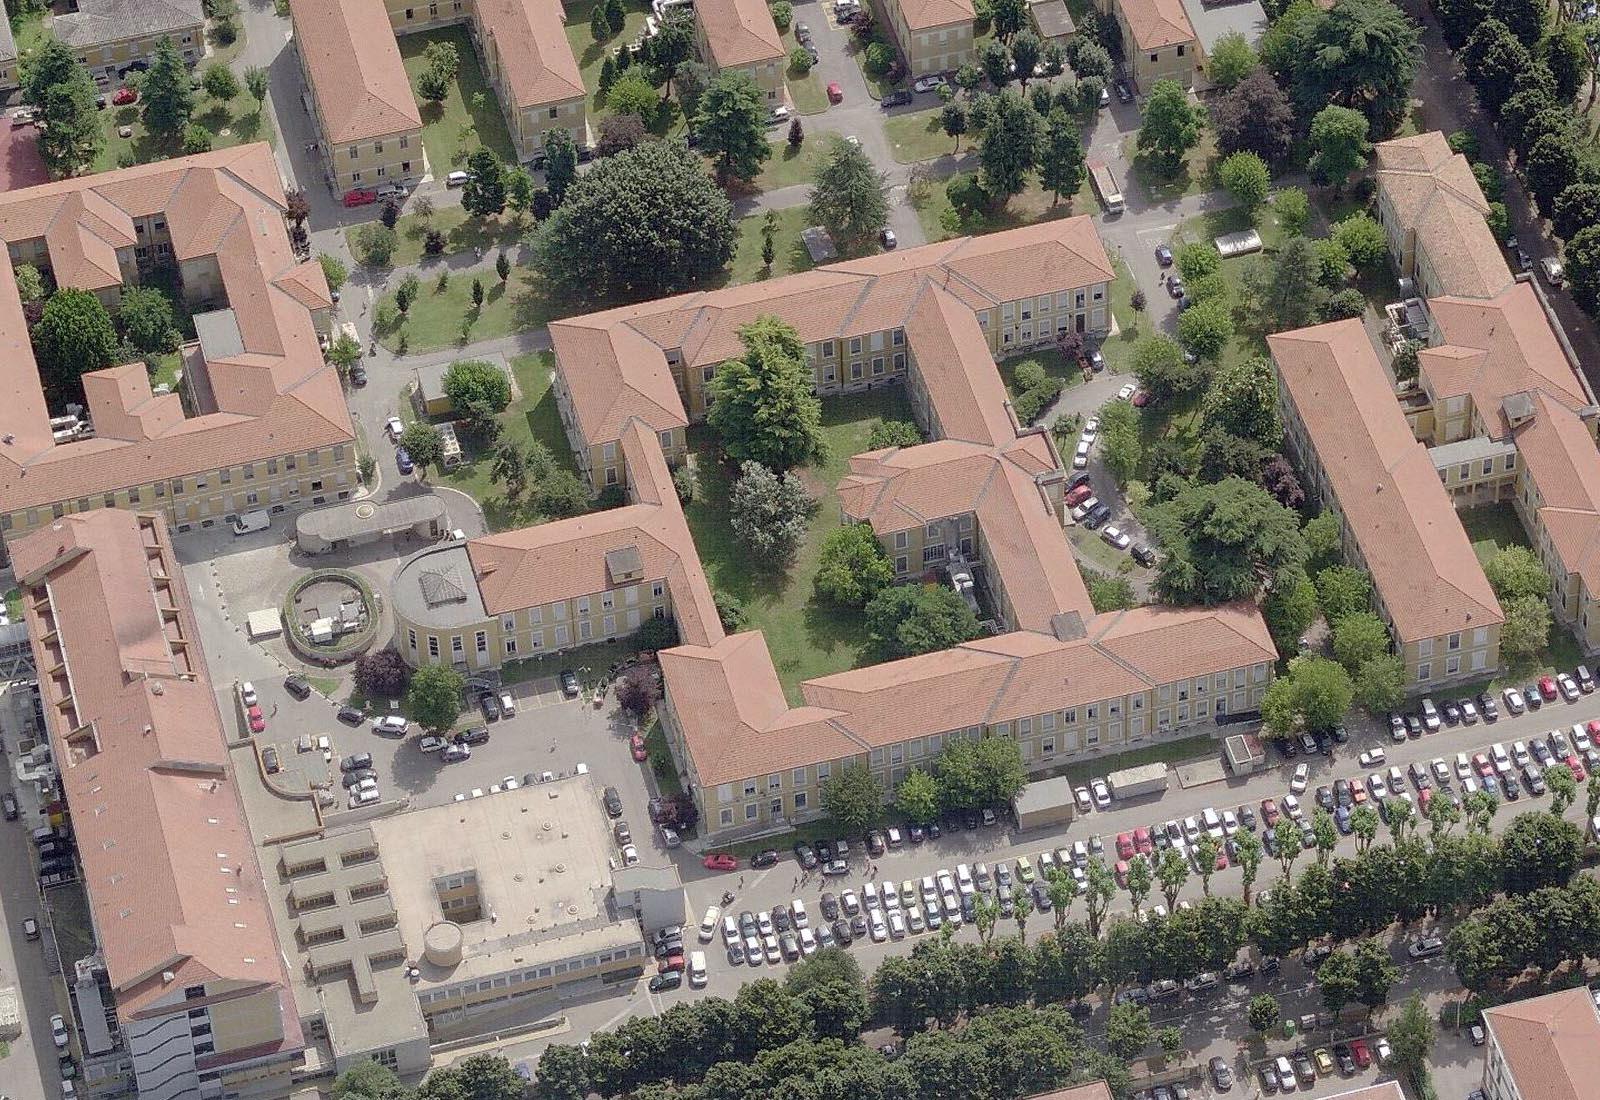 Adeguamenti Policlinico San Matteo a Pavia - Padiglione 7 - Vista aerea